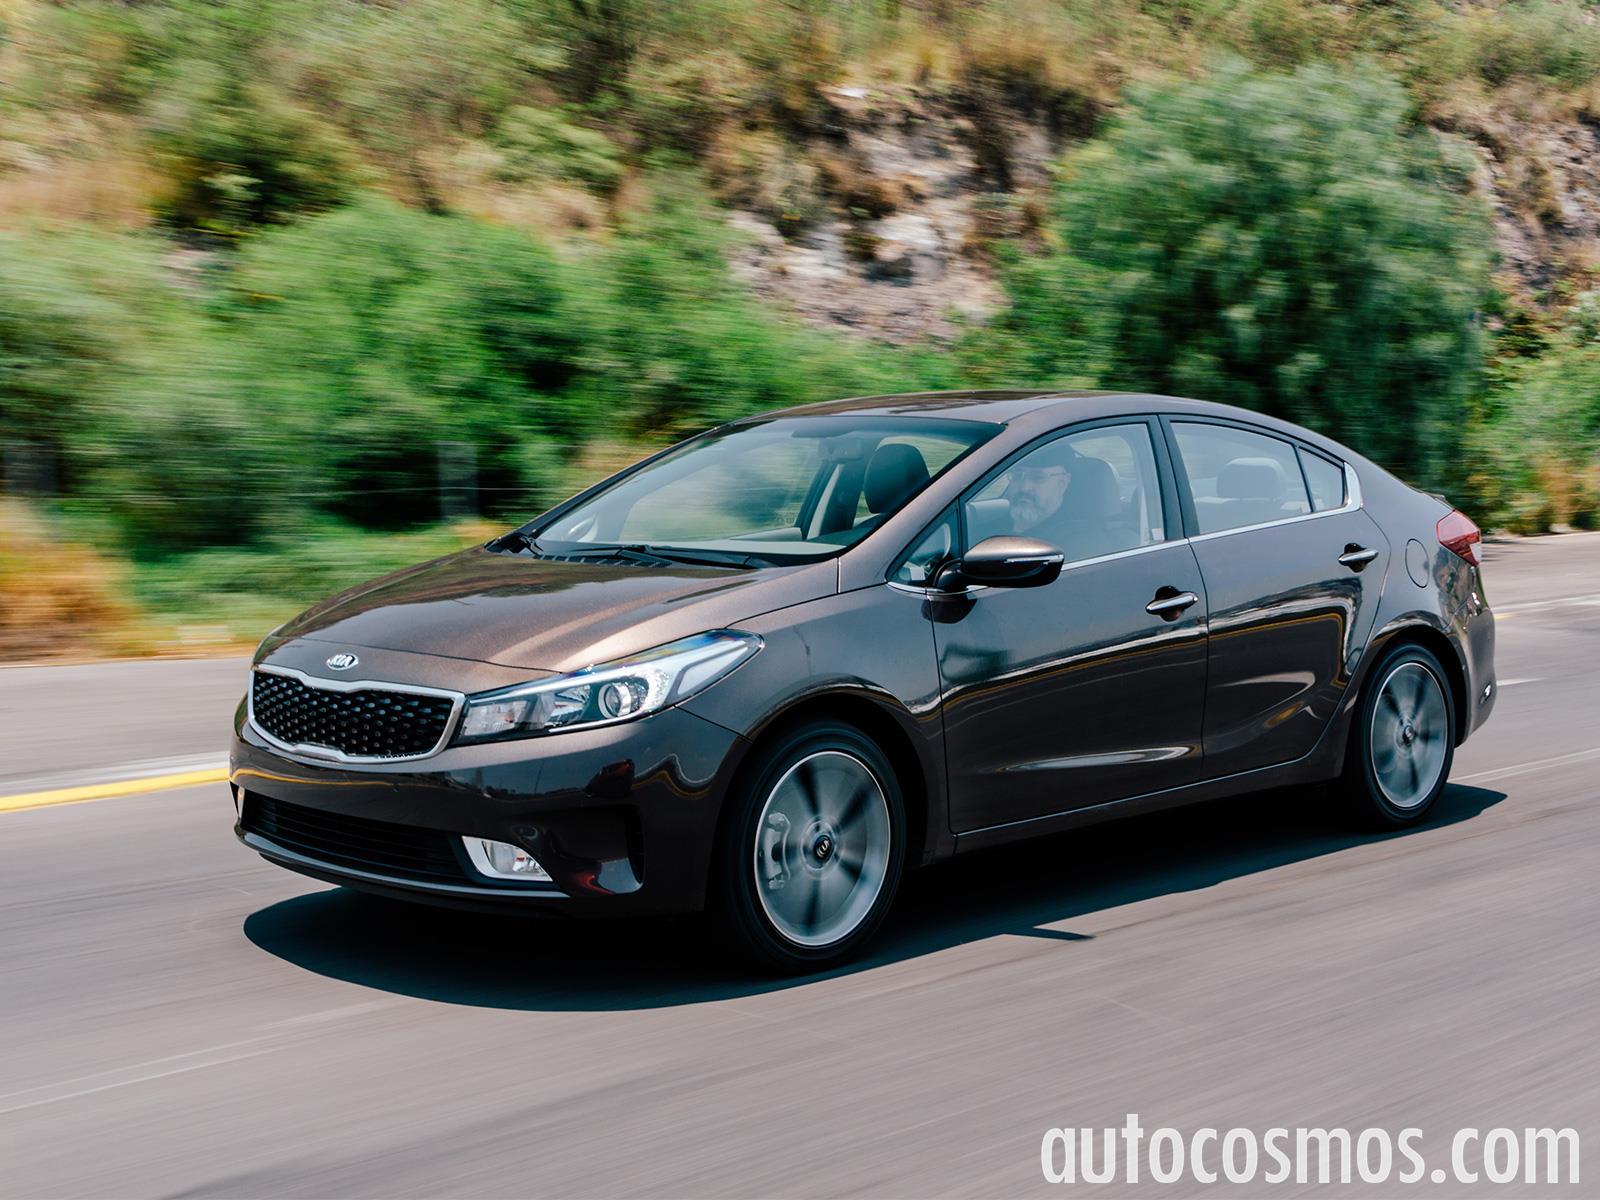 Kia Forte 2017 Llega A M 233 Xico Desde 241 600 Pesos Autocosmos Com